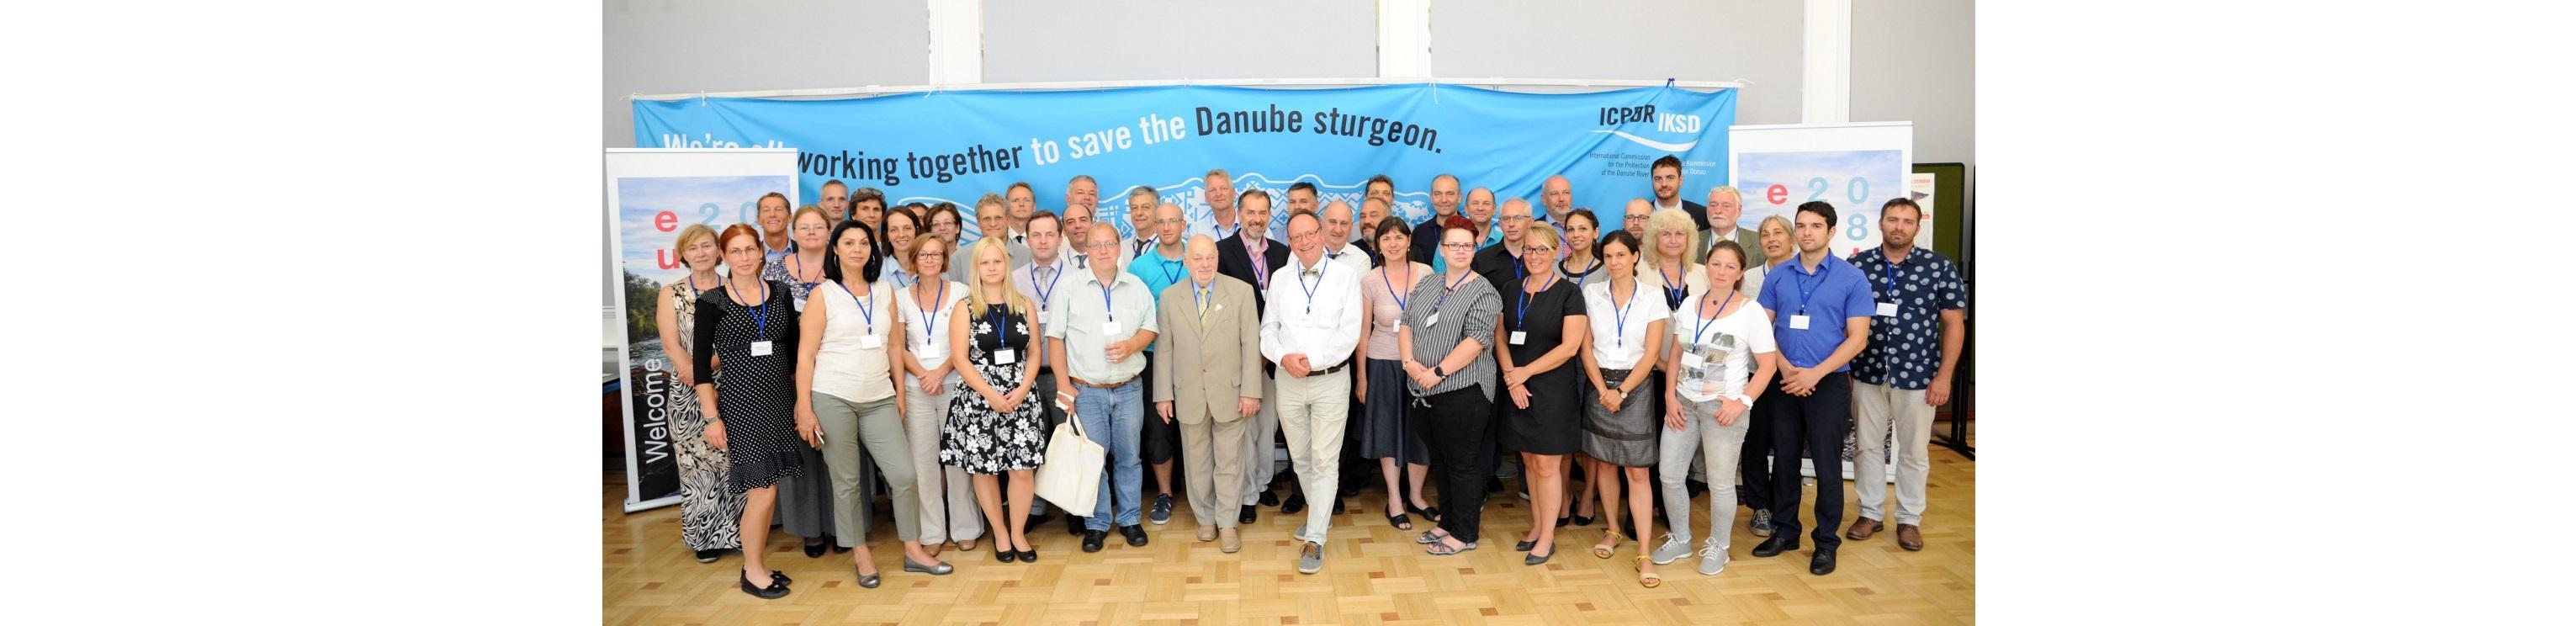 Međunarodna konferencija o zaštiti jesetri održana u Beču